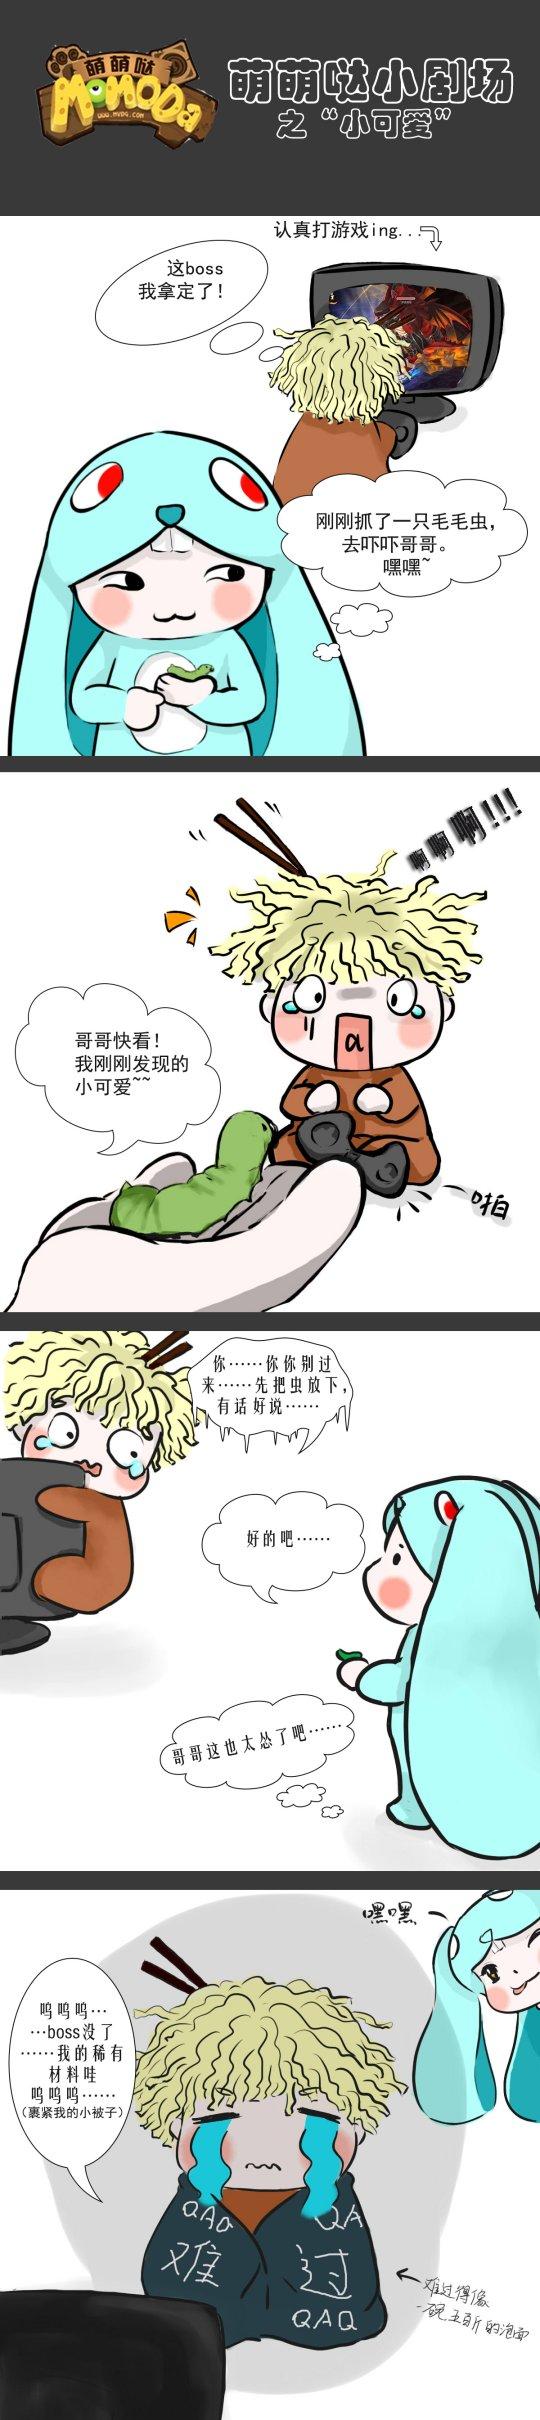 """《猎龙战记》萌萌哒小剧场""""小可爱"""""""